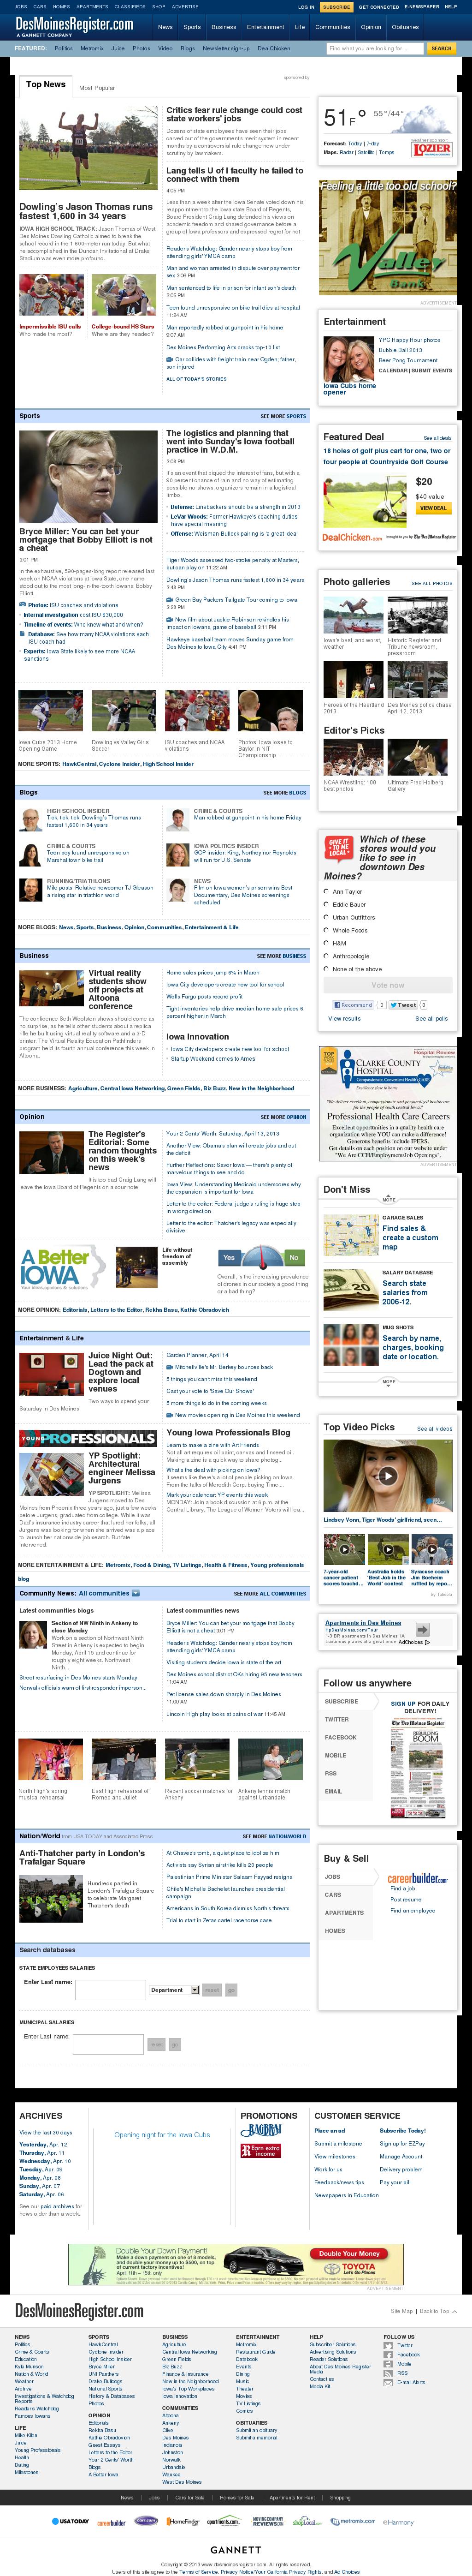 DesMoinesRegister.com at Saturday April 13, 2013, 10:05 p.m. UTC